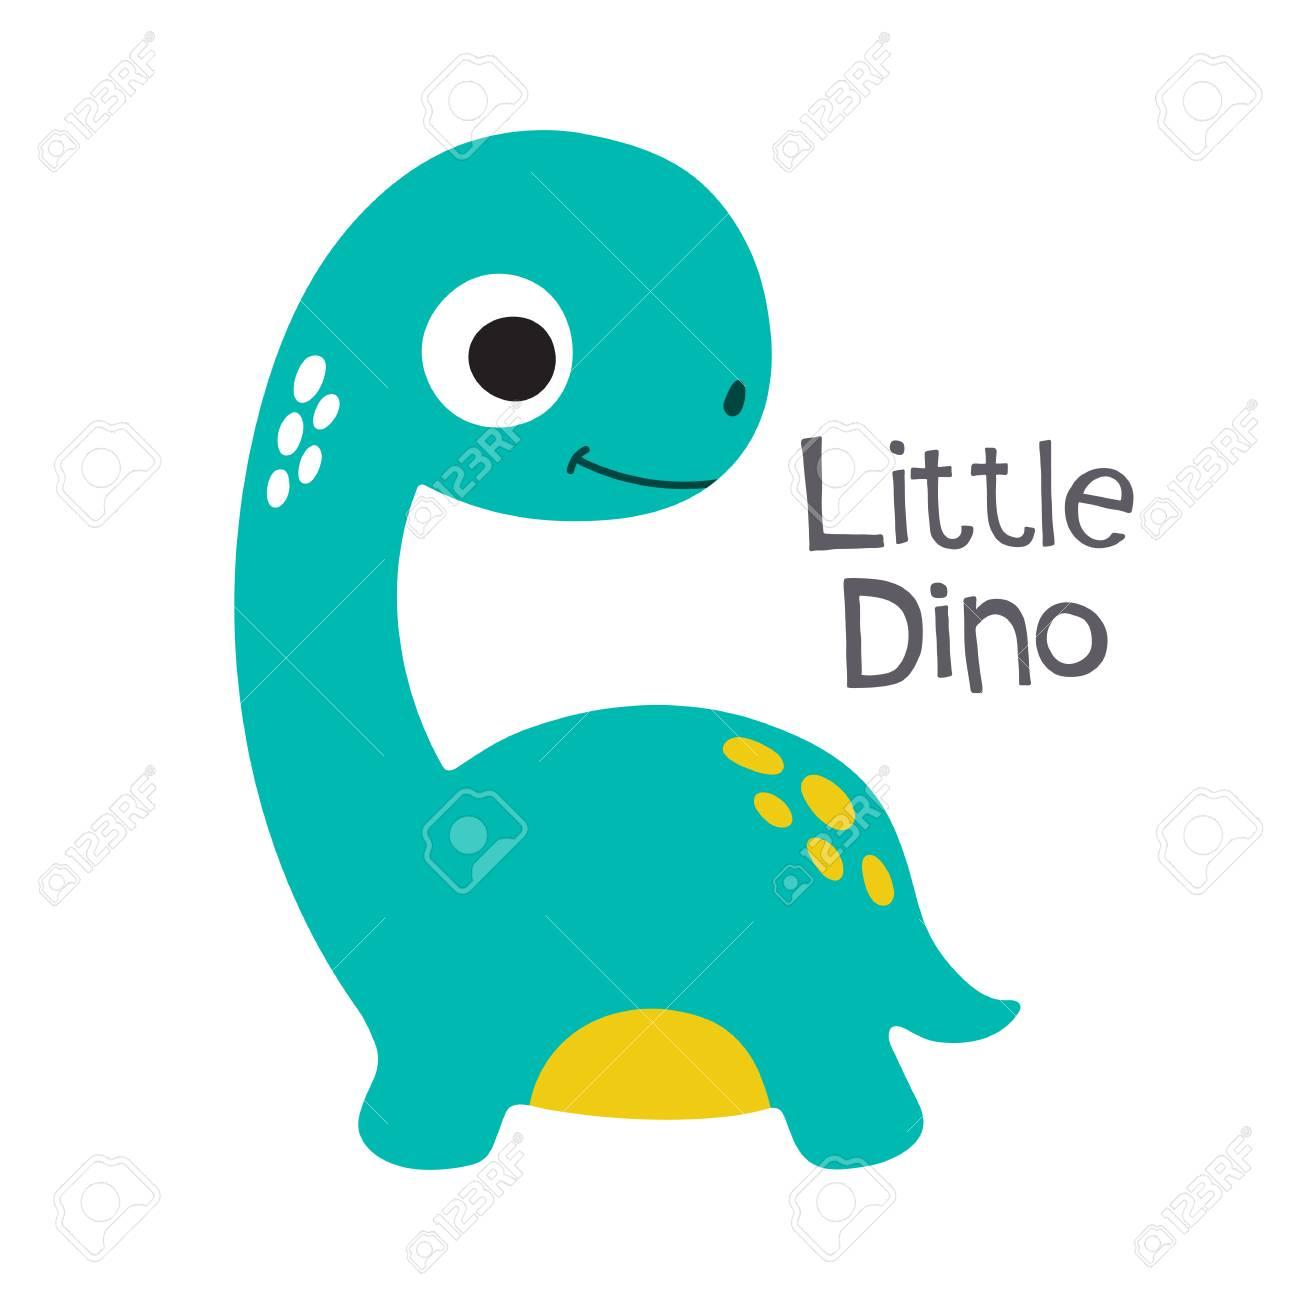 Rex Cute Cartoon Dino Vector Illustration Little Dino Stock Vector 87562907 123rfcom Cute Cartoon Dino Vector Illustration Little Dino Royalty Free